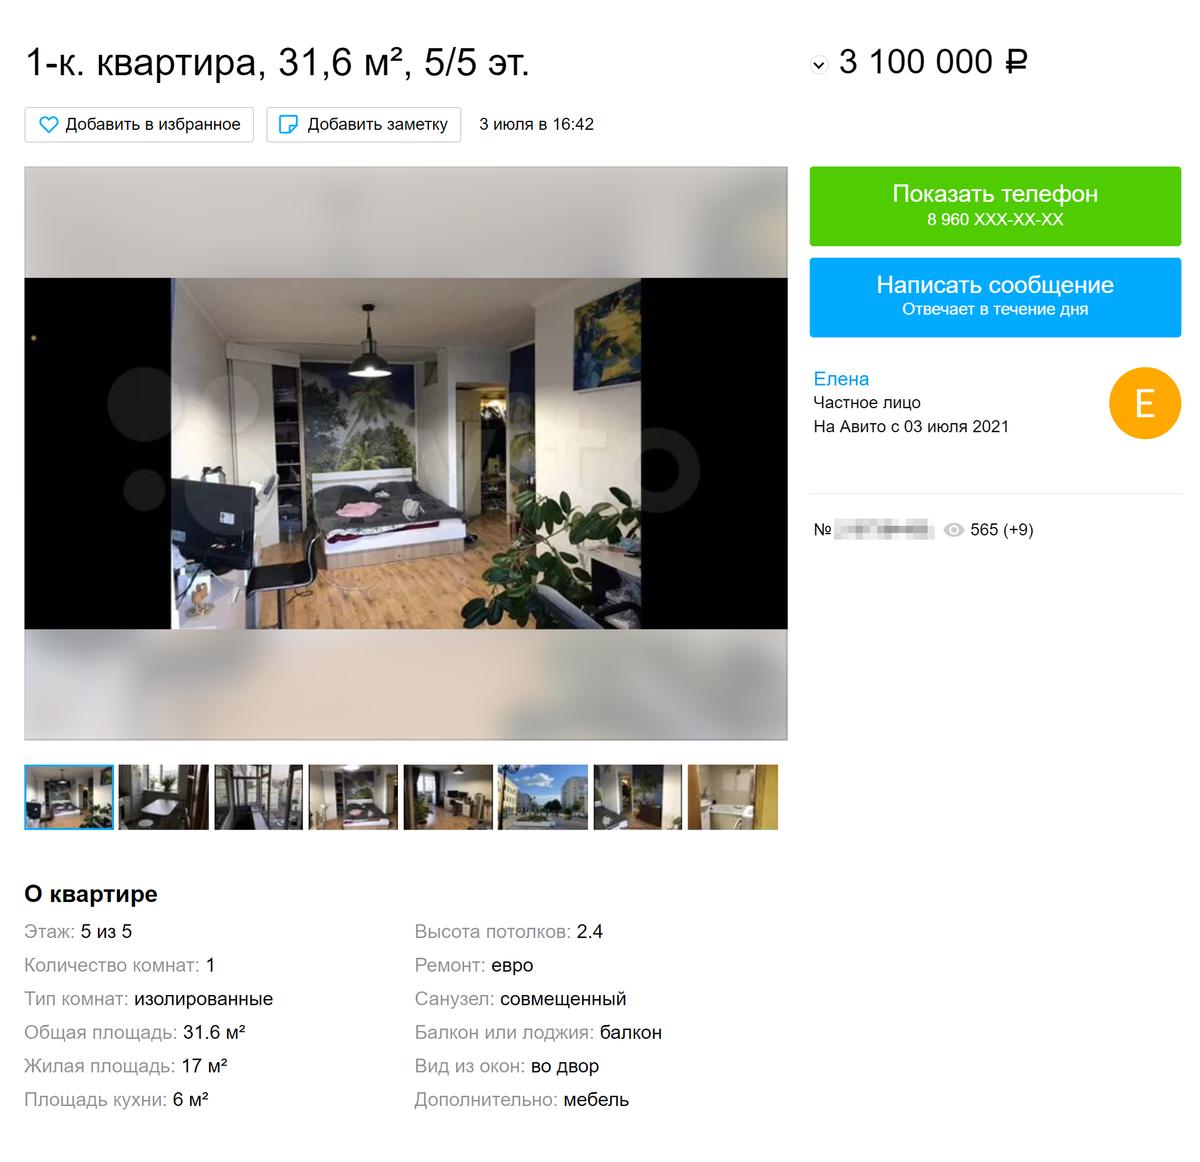 Однушка в центре города — 3,1млн рублей. Это хрущевка, но в квартире хороший ремонт